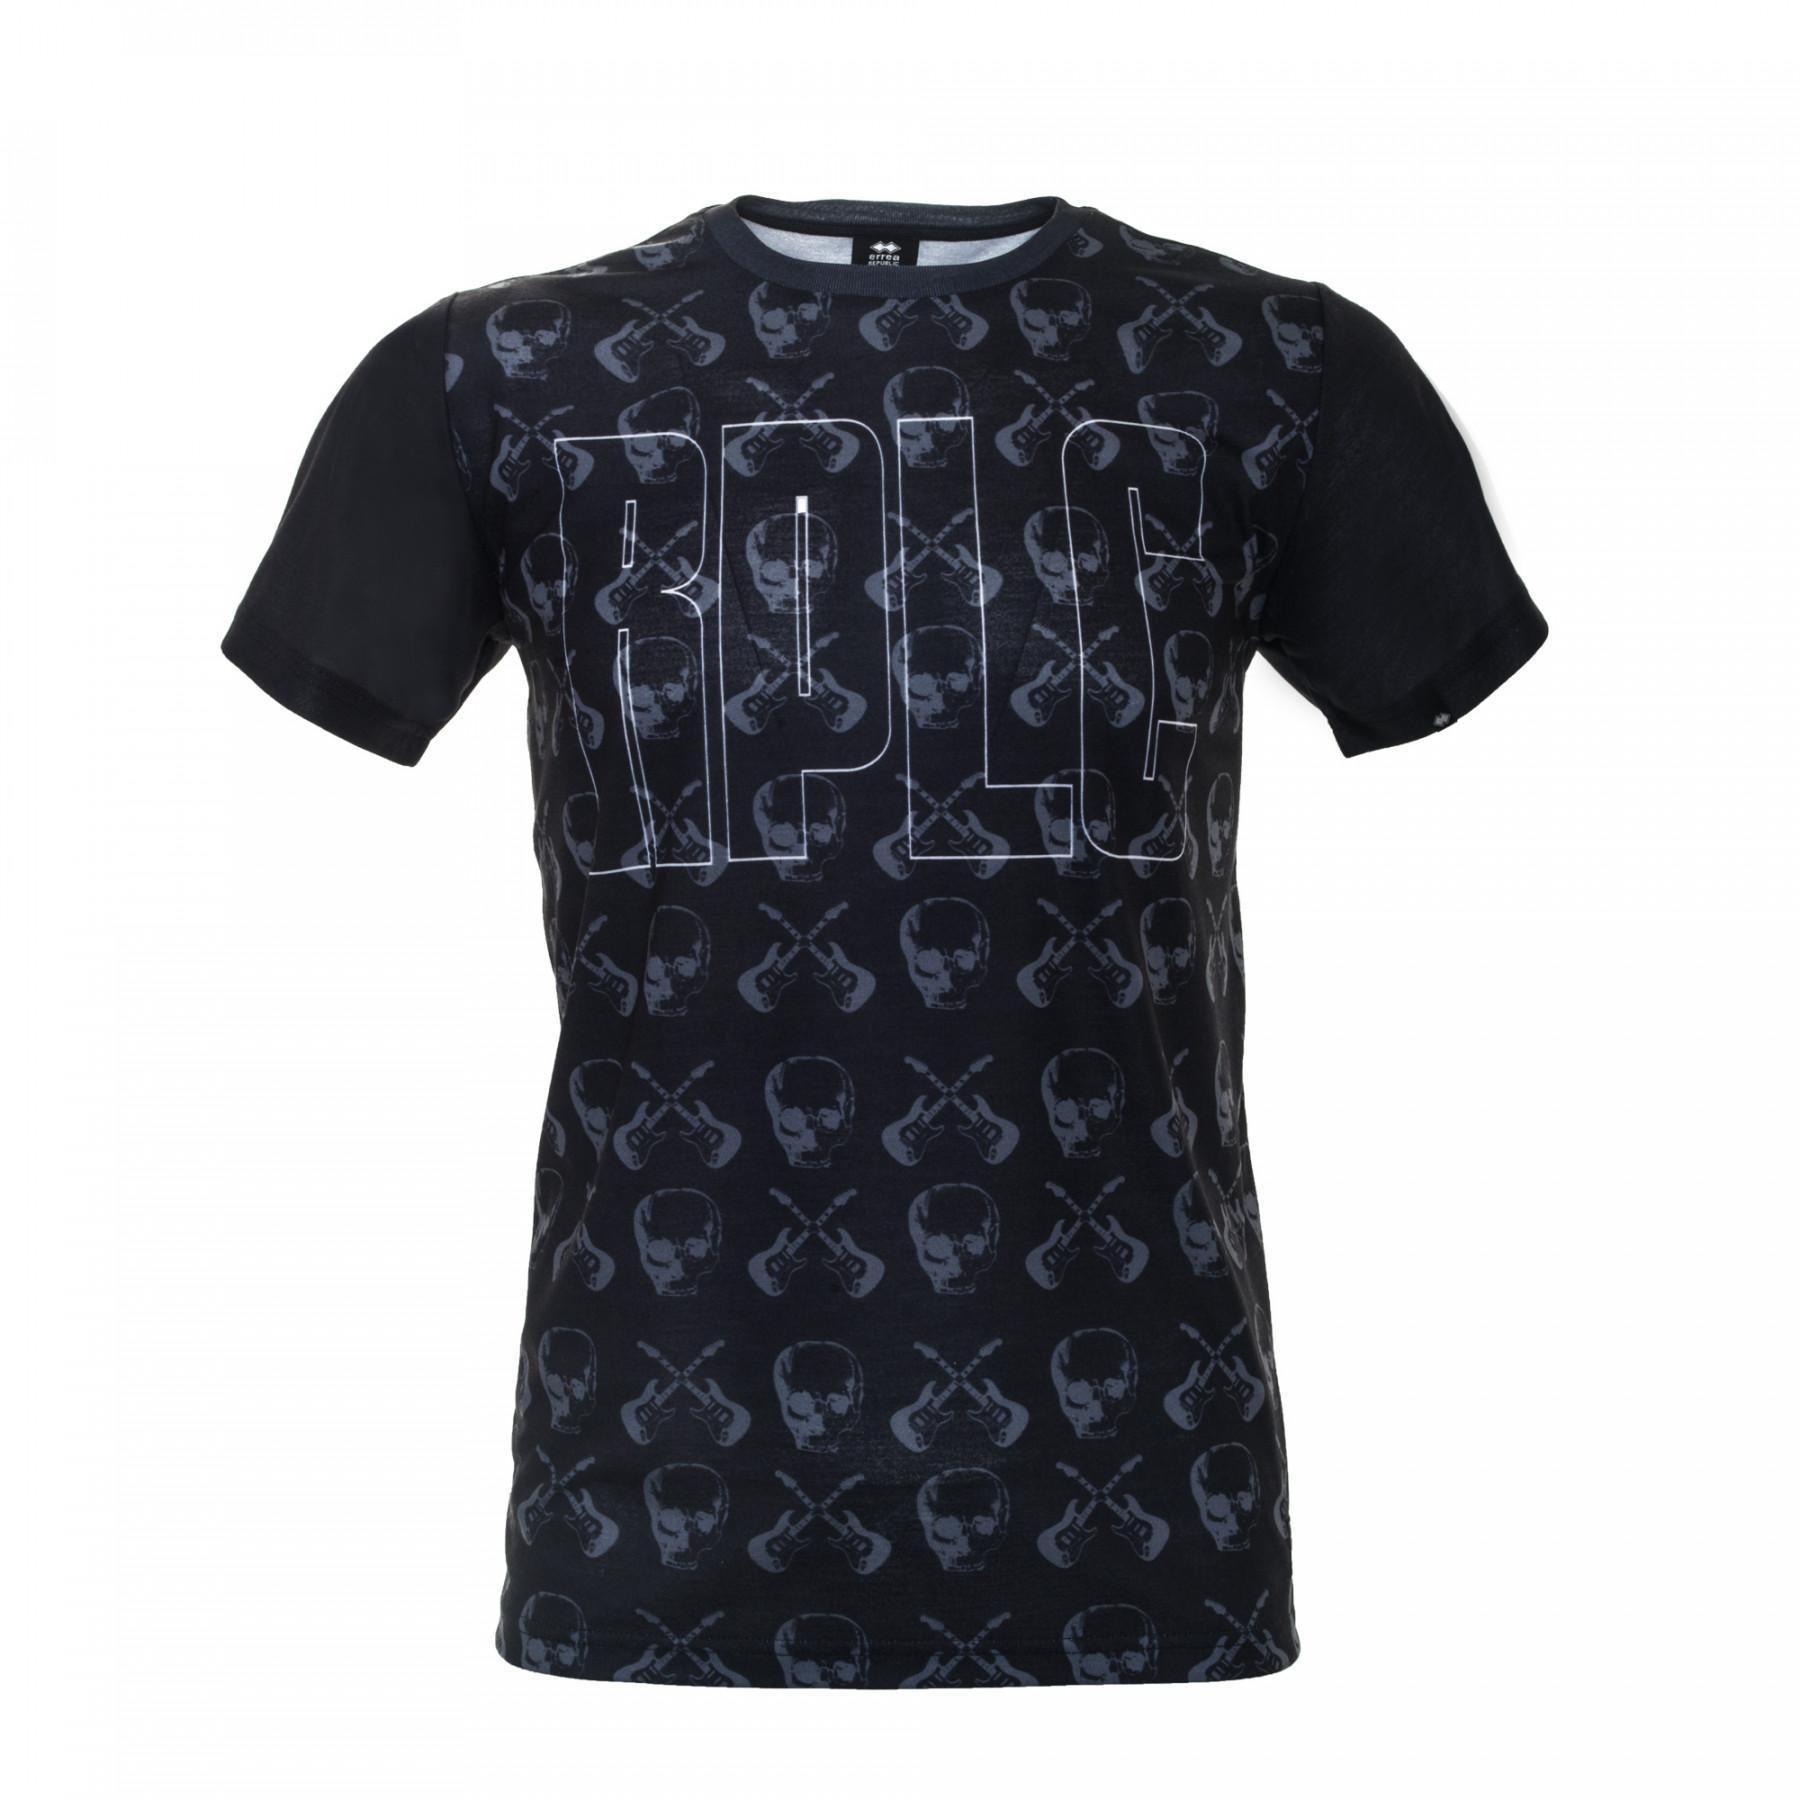 T-shirt Errea essential rock skull ad